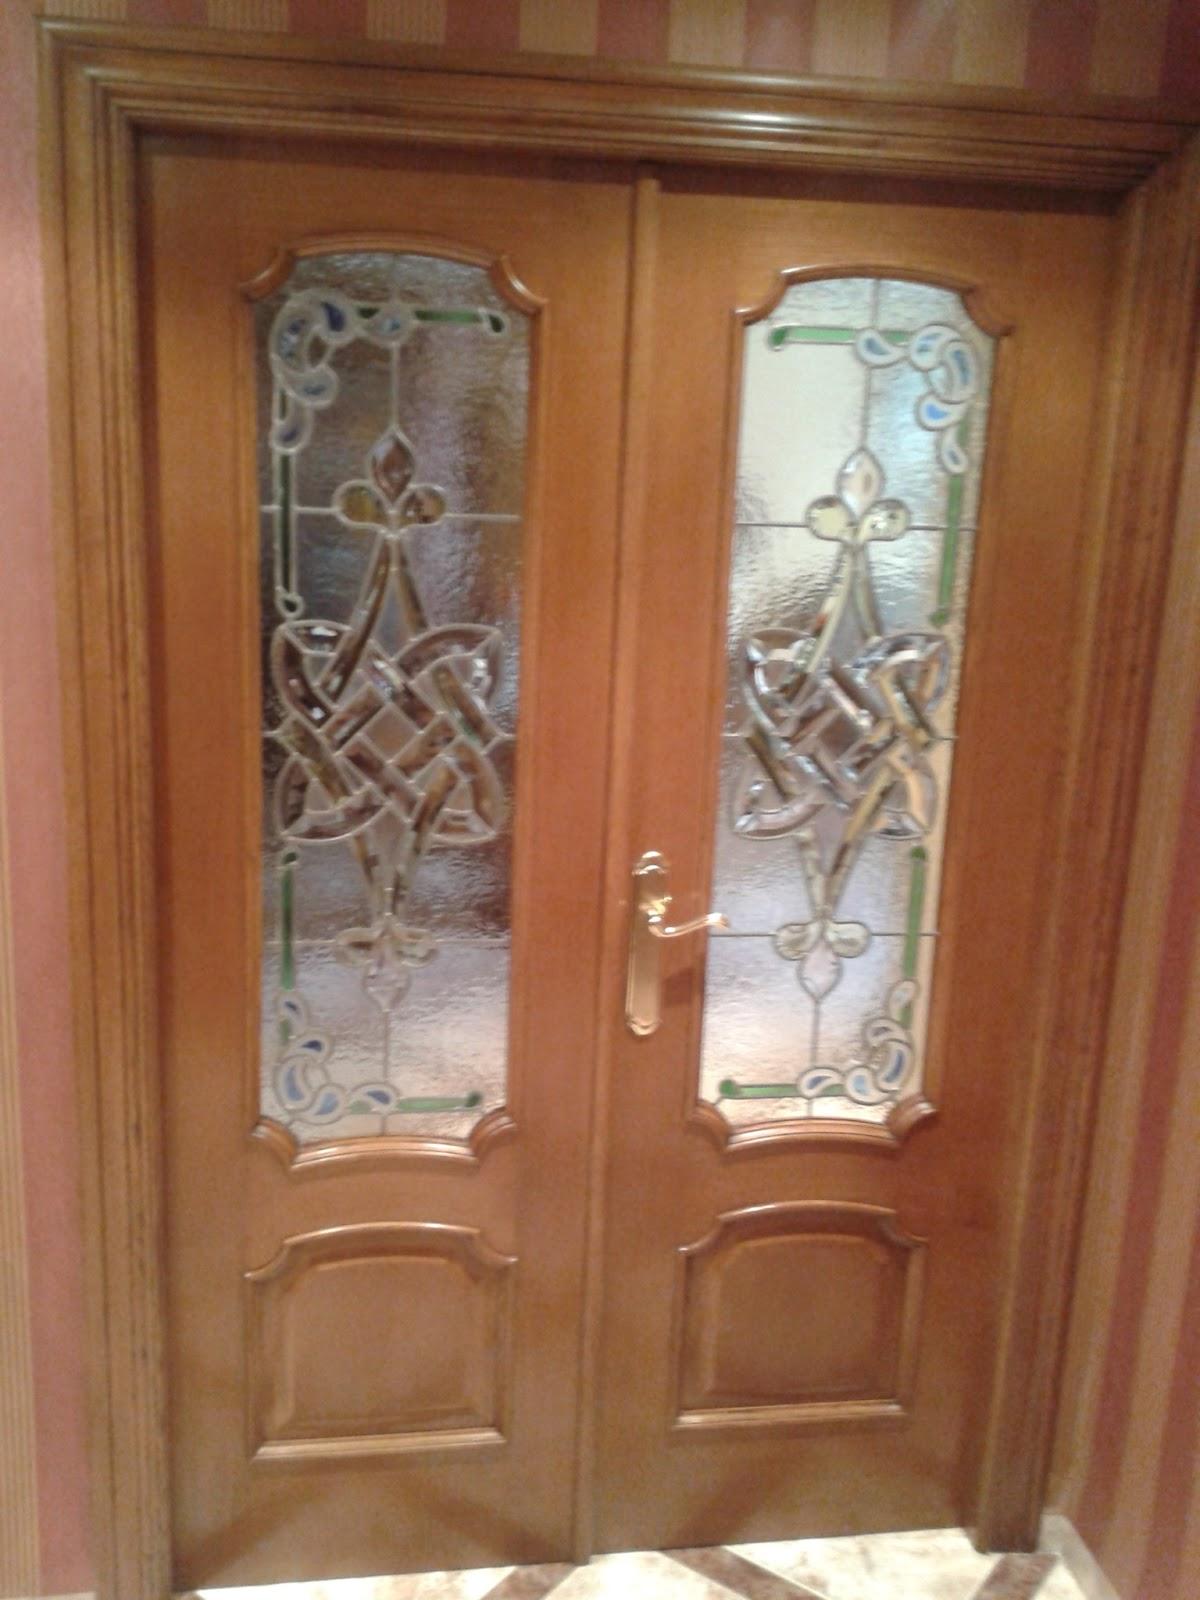 Cristaler a j l ferrer vidrieras emplomadas - Vidrieras para puertas ...